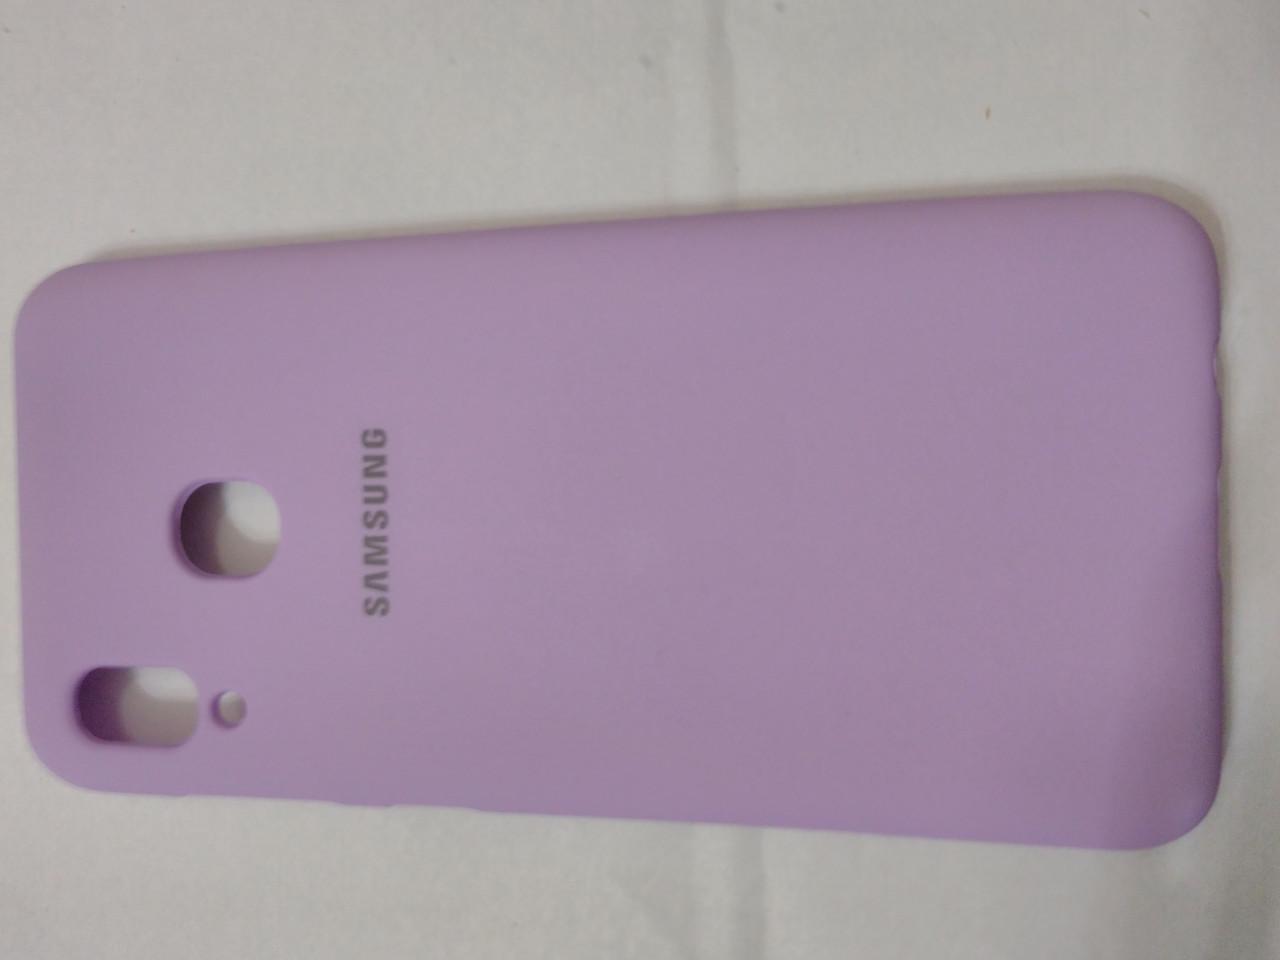 Накладка   Silicon Cover full   для  Samsung A20  2019 //  A30 2019  (фиолетовый)